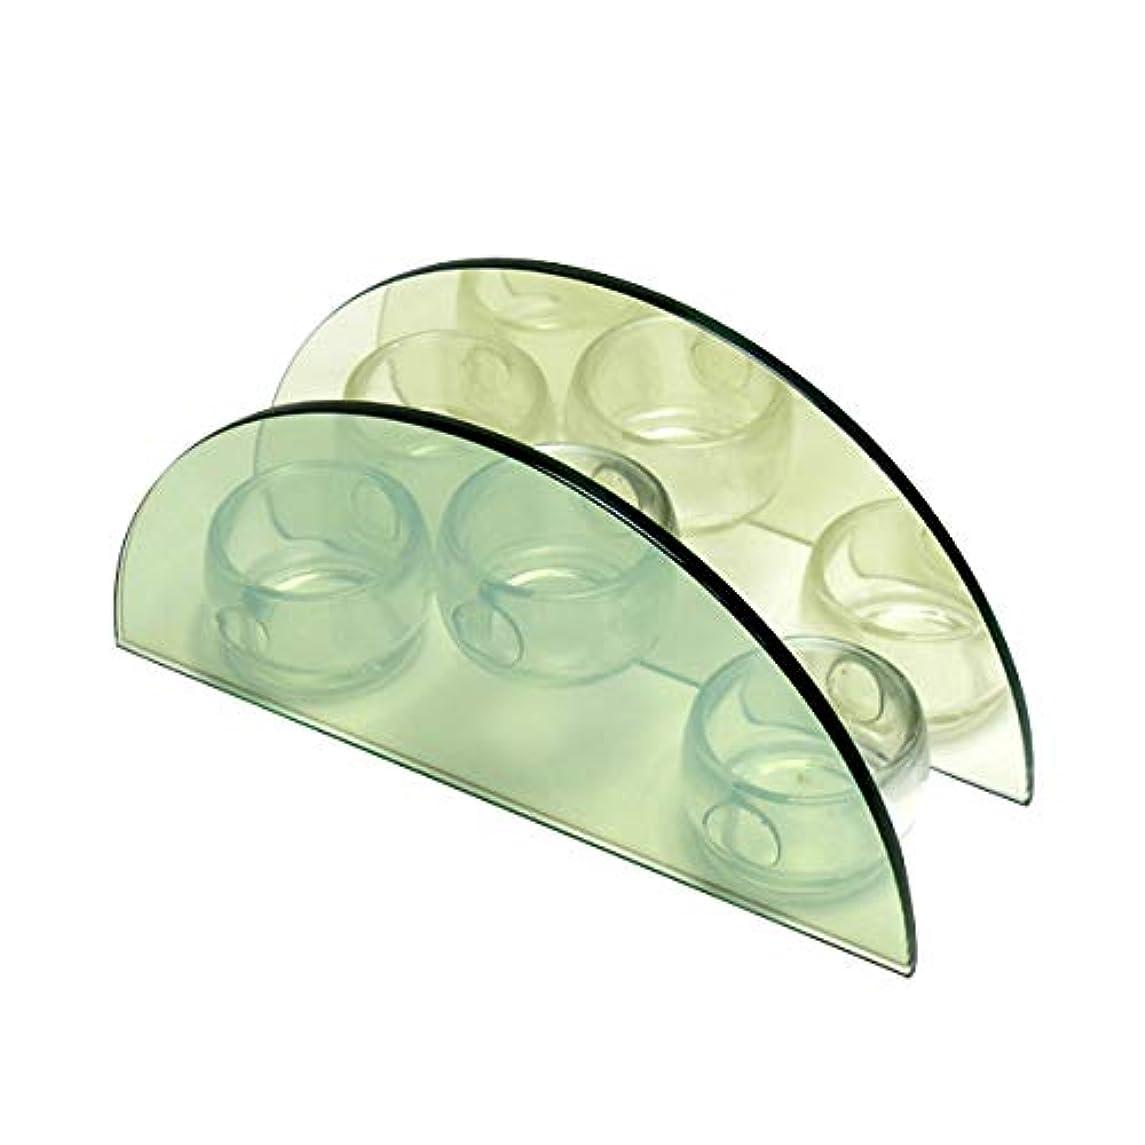 つなぐ悲惨買収無限連鎖キャンドルホルダー セミサークル ガラス キャンドルスタンド ランタン 誕生日 ティーライトキャンドル